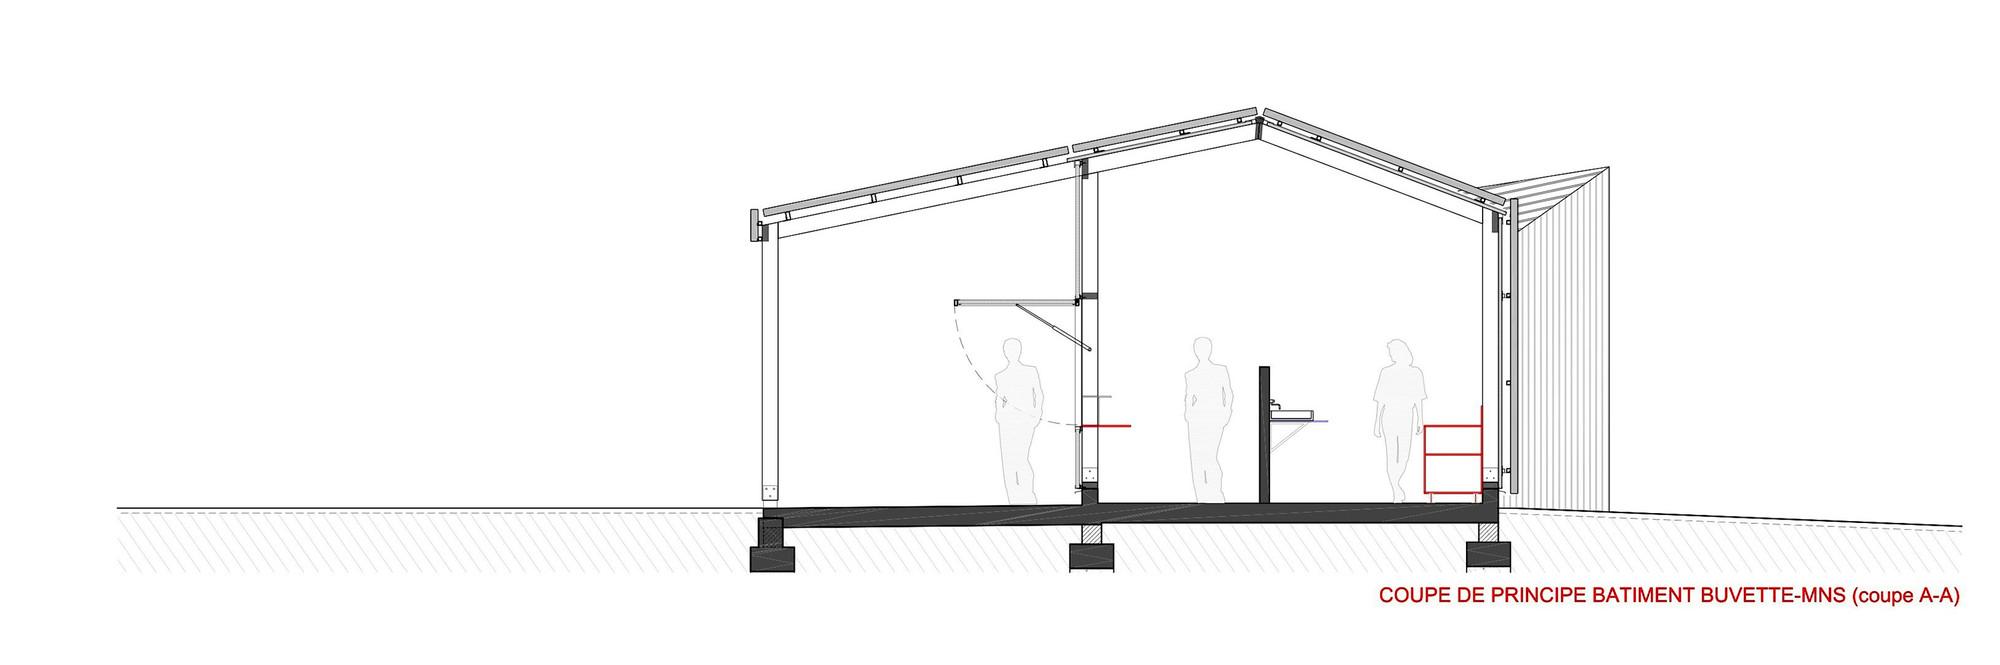 galeria de piscina th tre d 39 eau log architectes 28. Black Bedroom Furniture Sets. Home Design Ideas